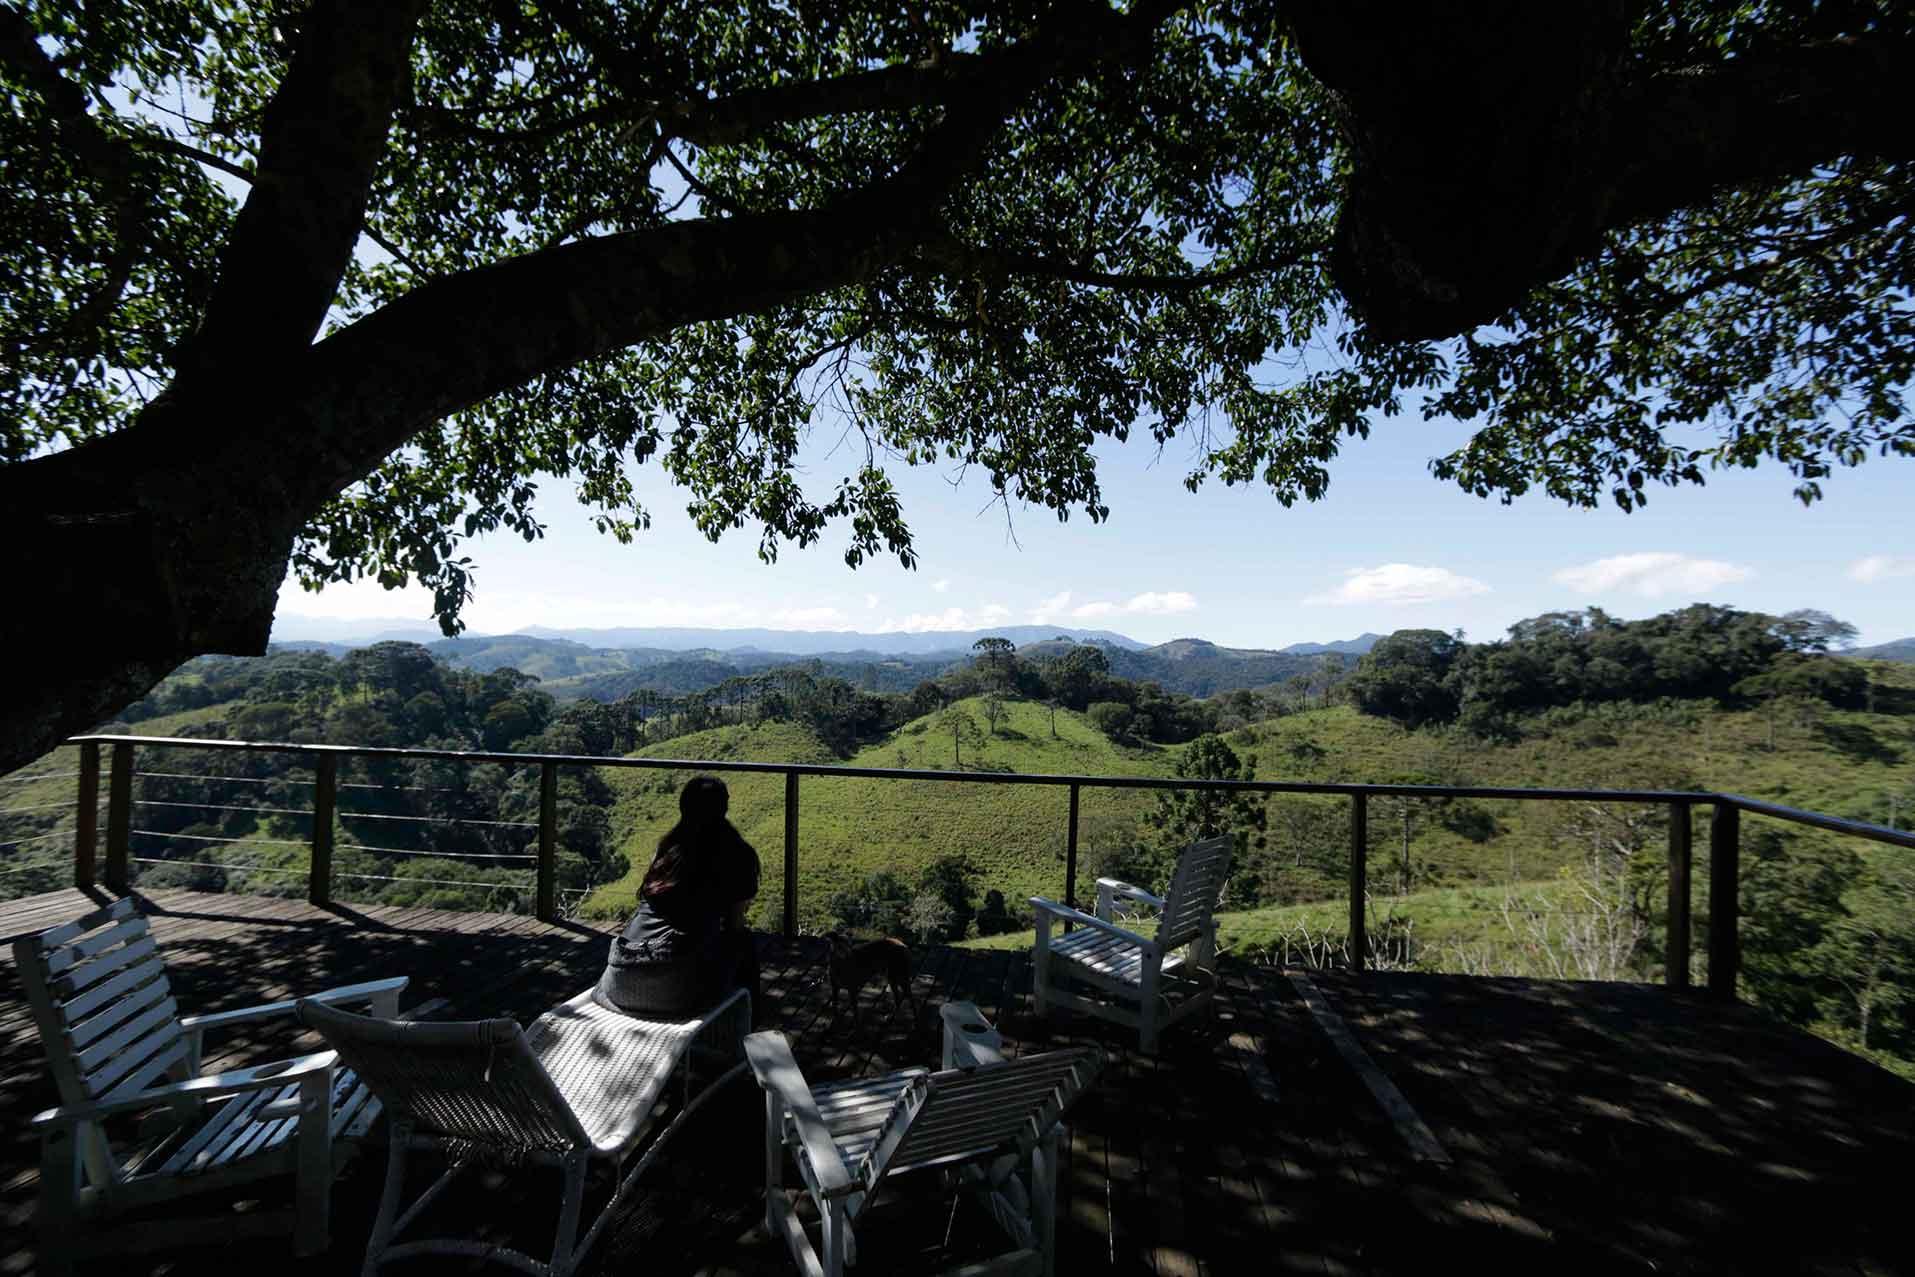 Santo-Antonio-do-Pinhal-Turismo-Rural-Fazenda-Agua-da-Capoeira-_MG_7151-bx